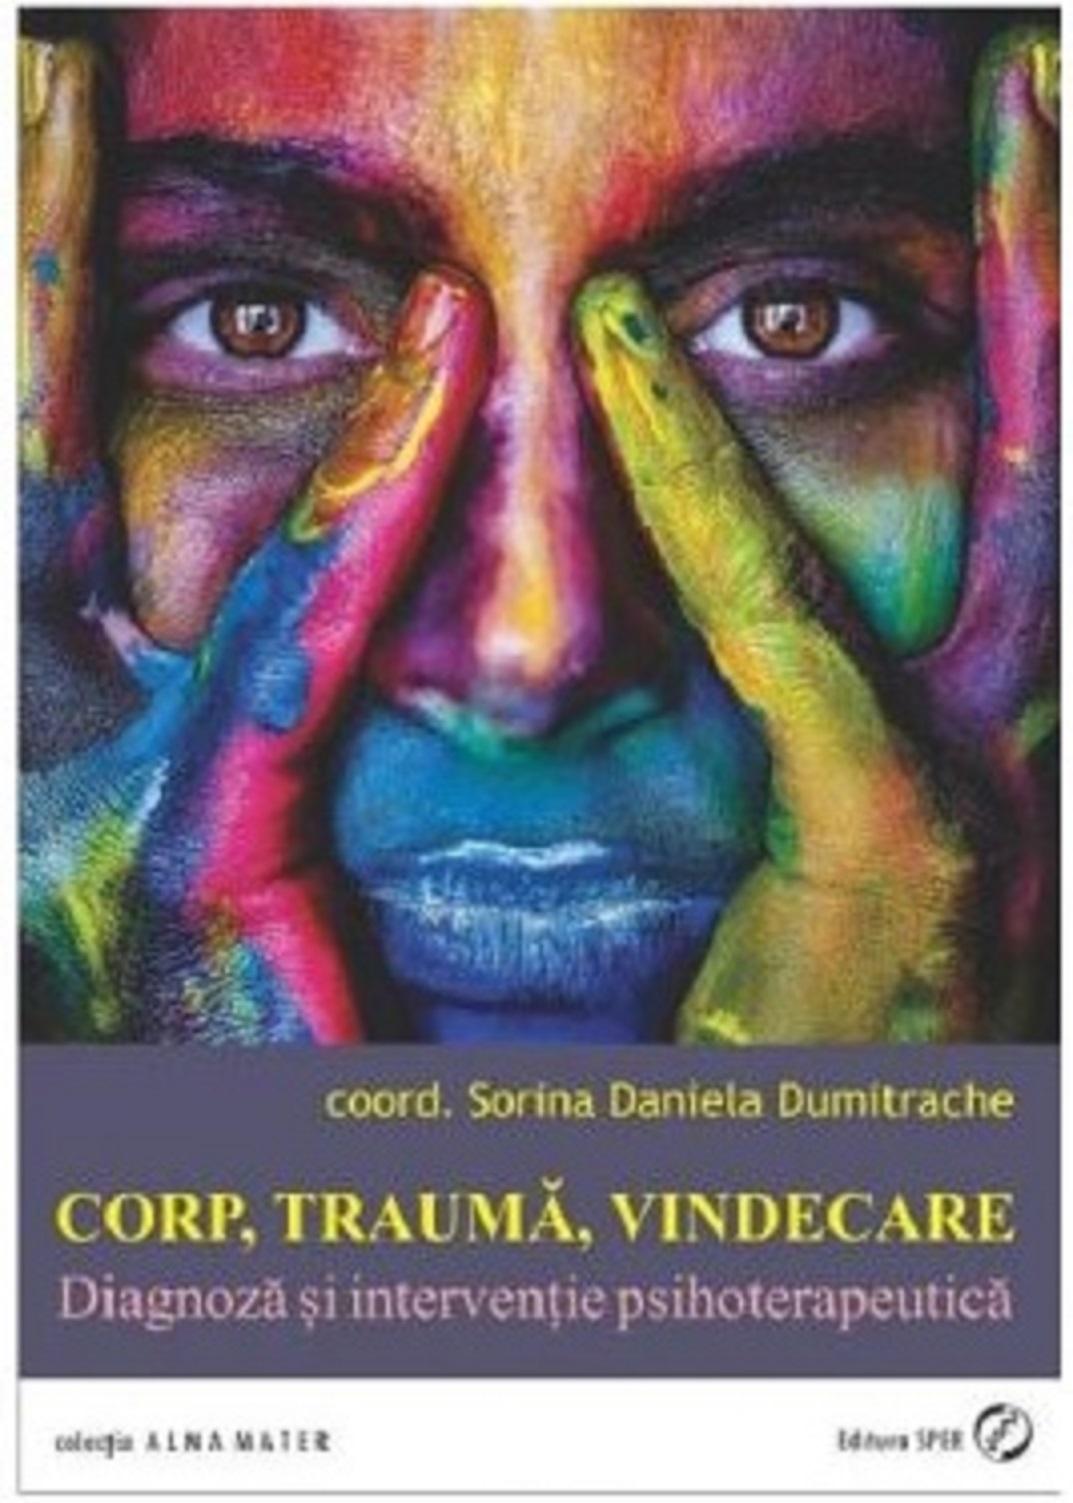 Corp, trauma, vindecare. Diagnoza si interventie psihoterapeutica